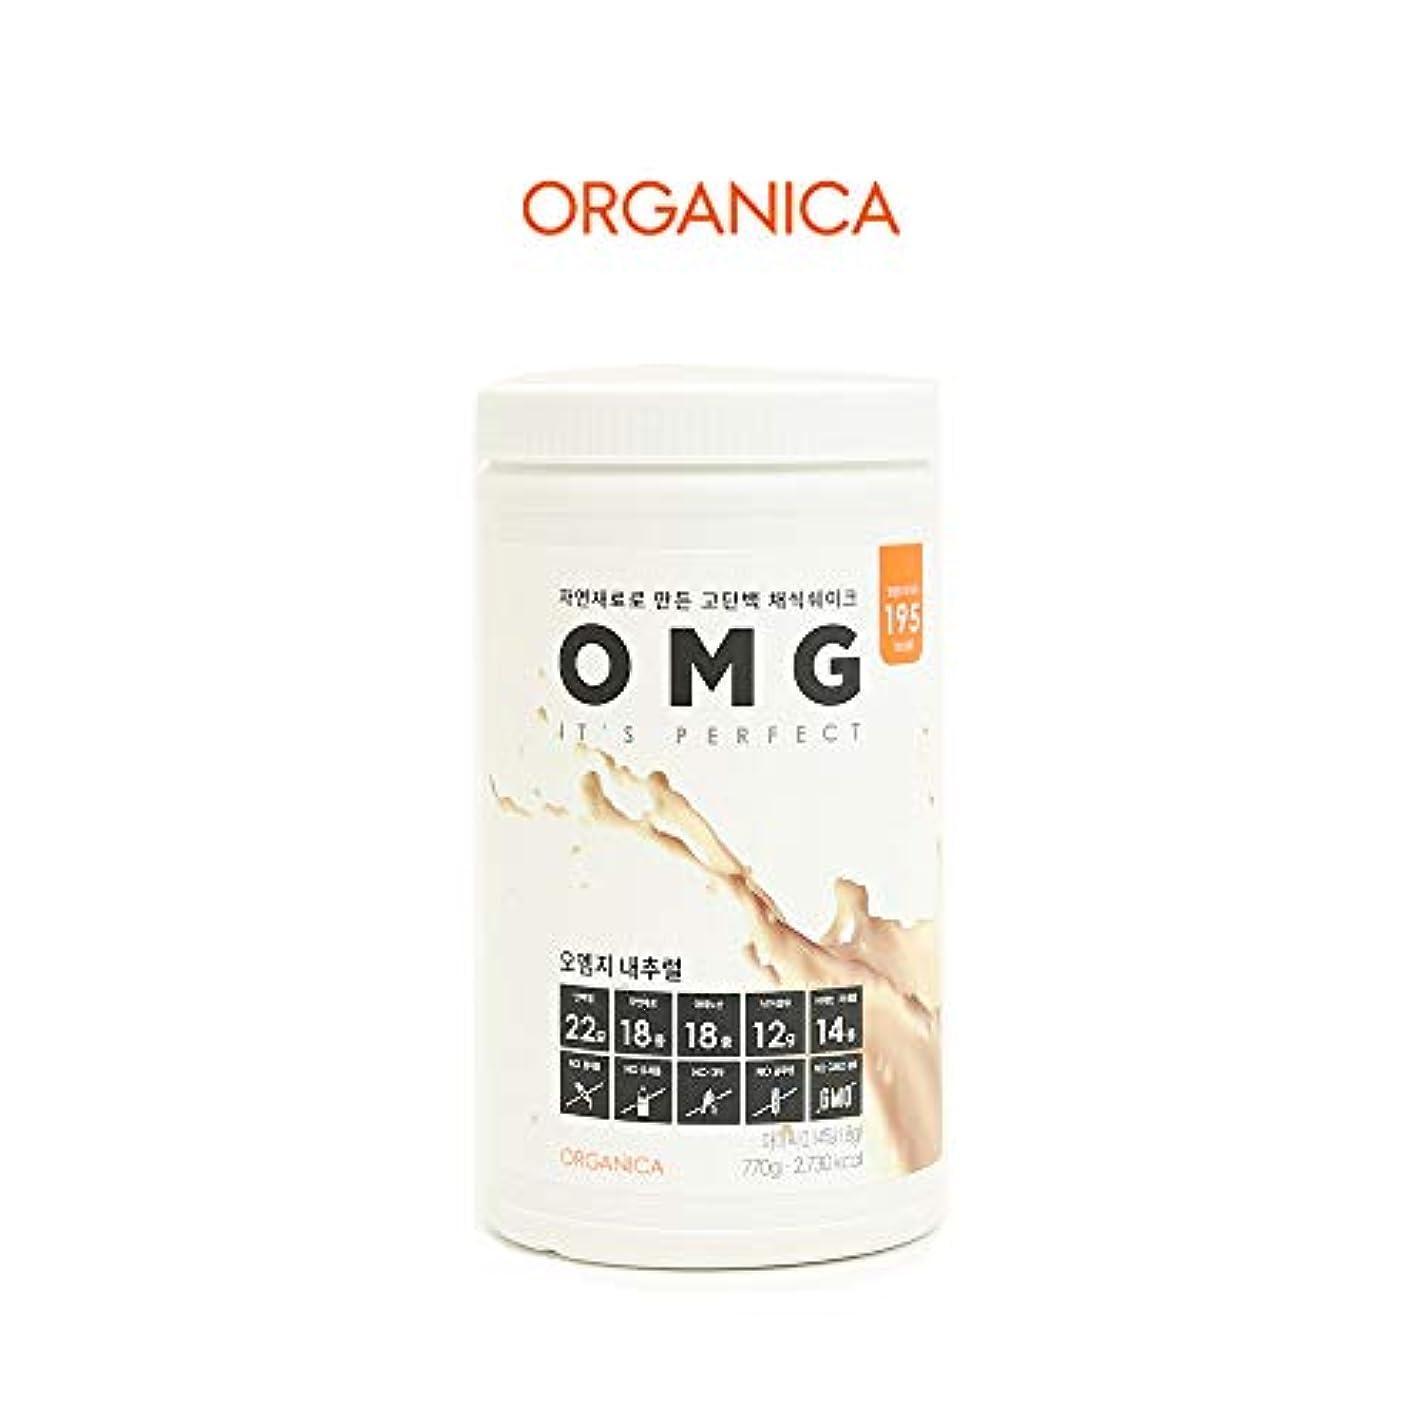 流星ジーンズ知恵オーエムジー タンパク質 ダイエット シェイク (OMG, protein shake) (ナチュラル)